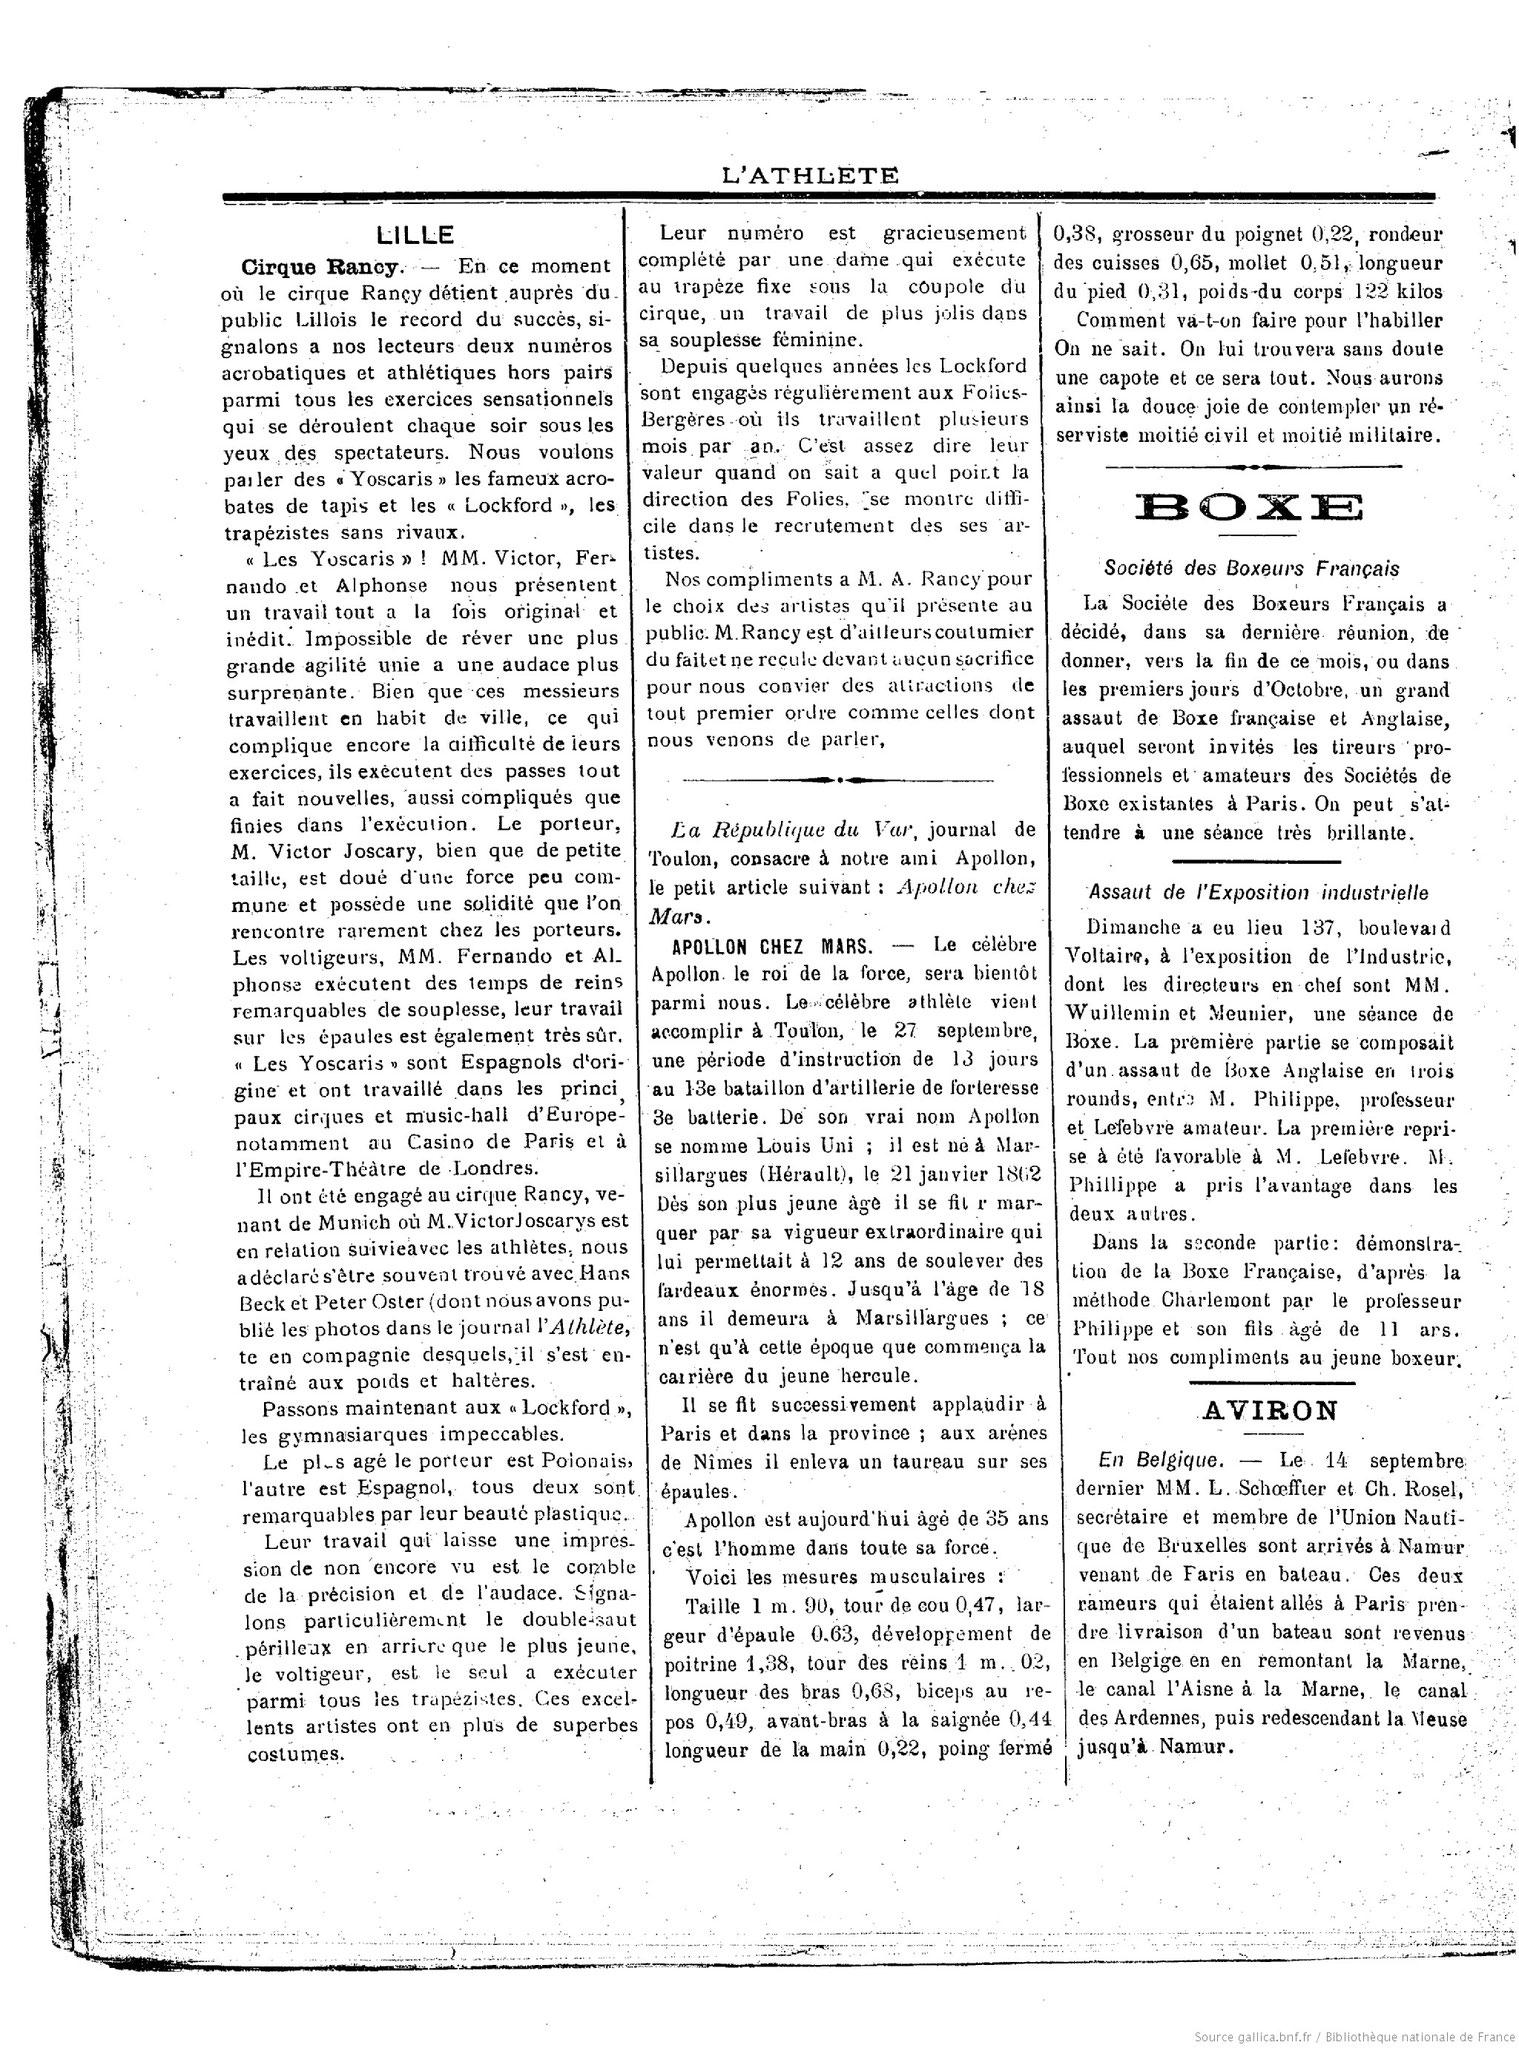 L'Athlète, journal athlétique illustré - 26 Sept. 1897